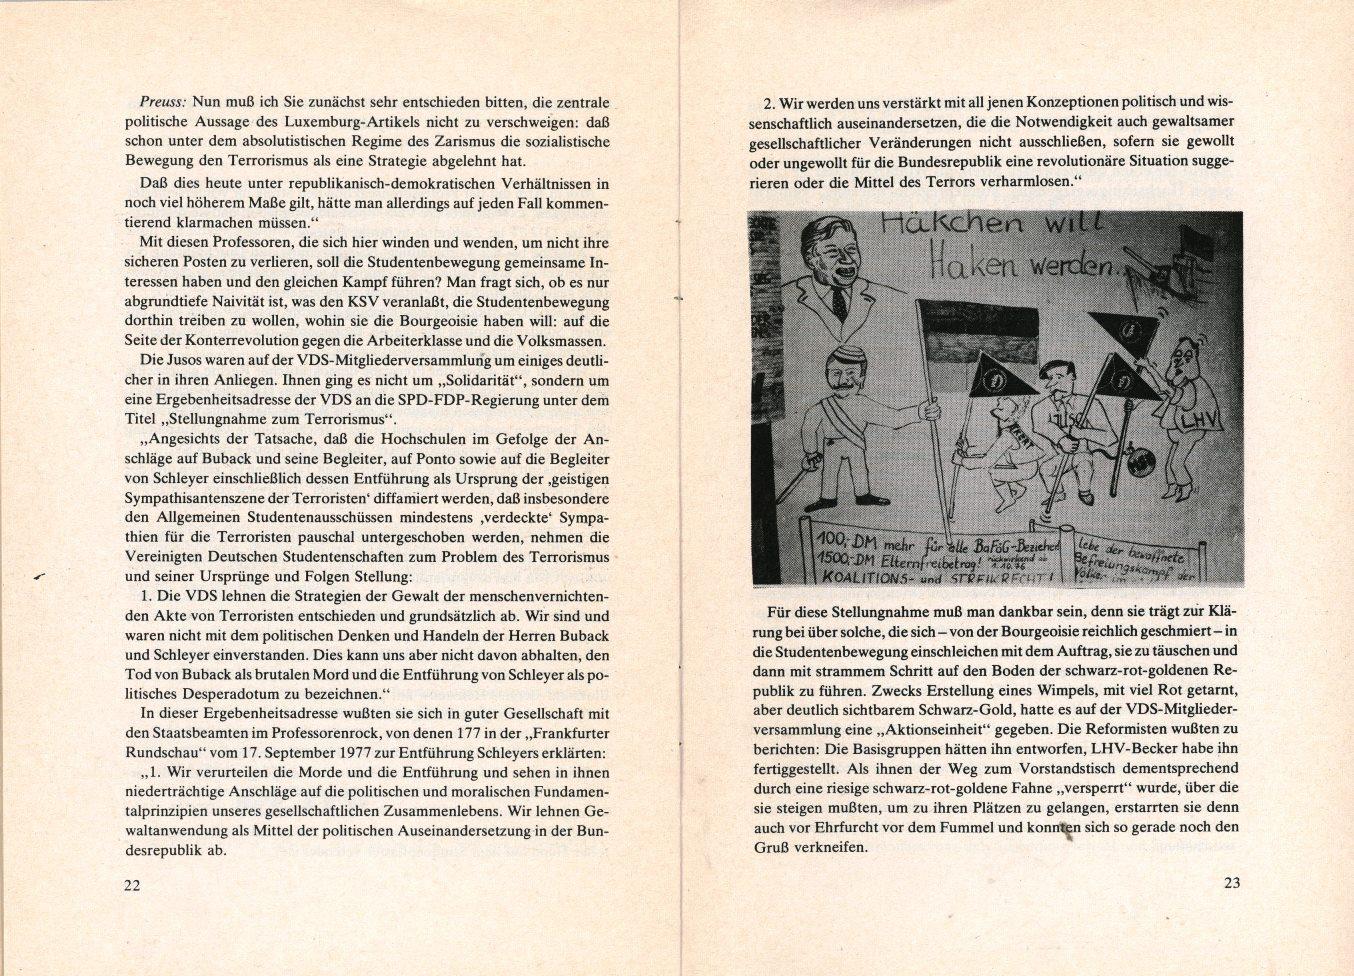 VDS_KBW_1977_MV_in_Giessen_12